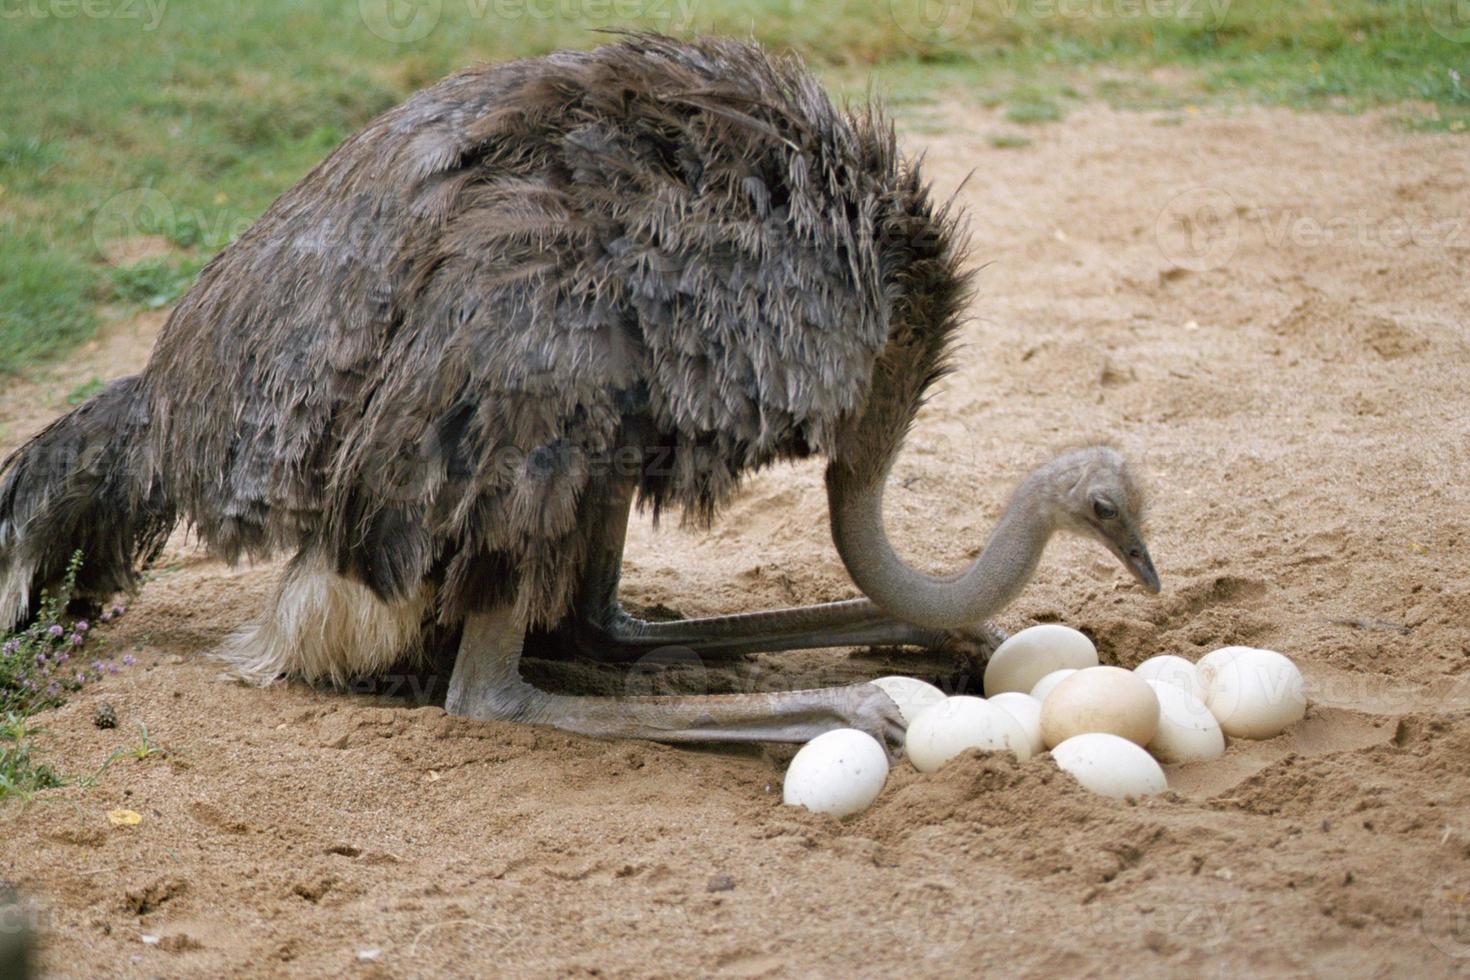 struts och dess ägg i boet foto